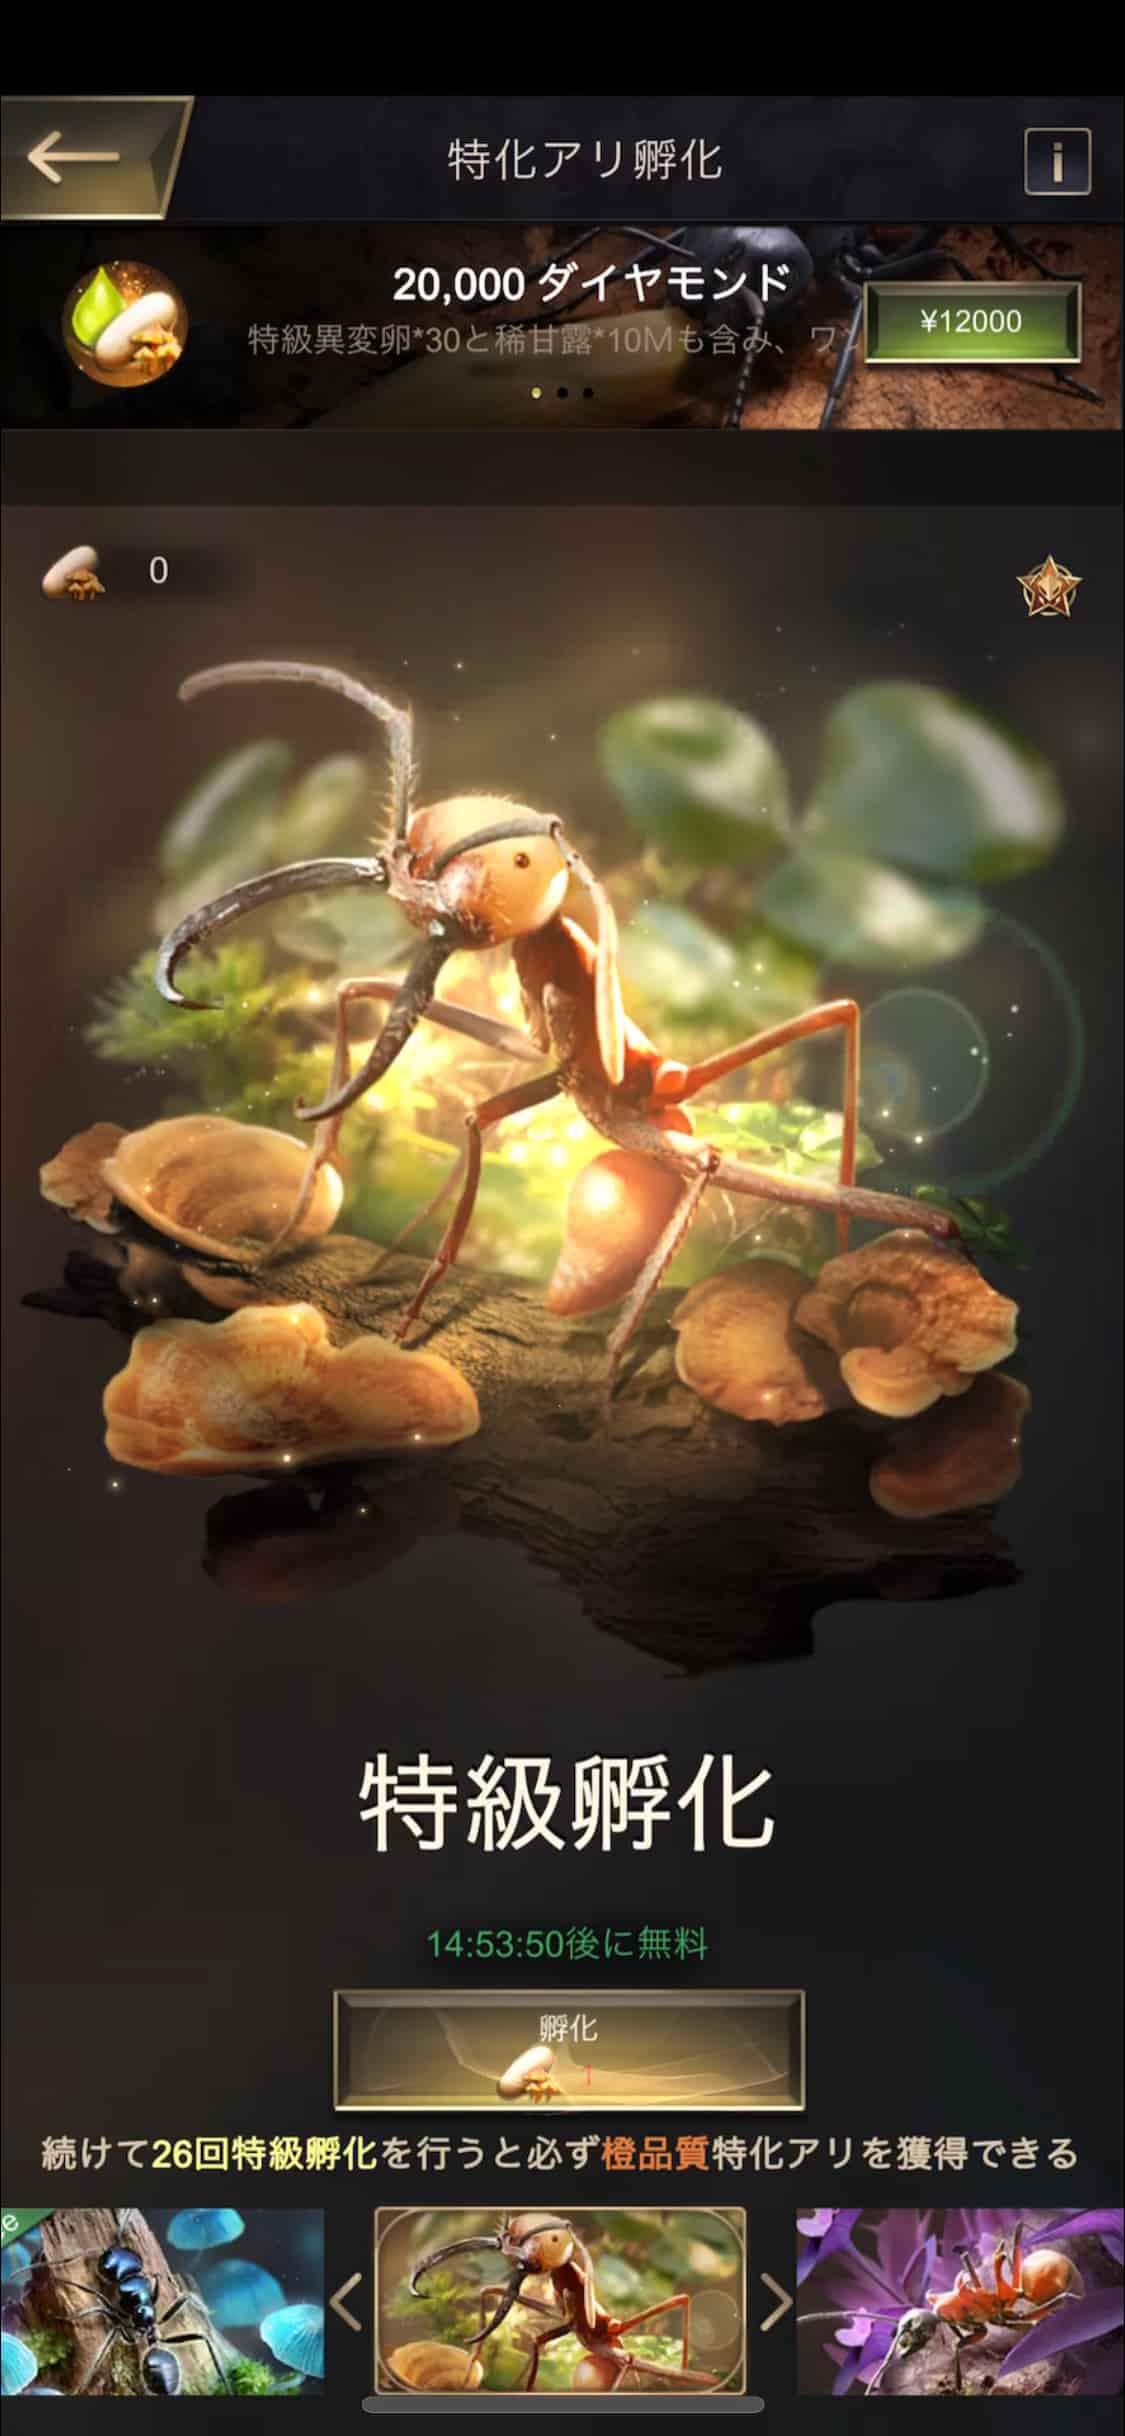 卵を孵化してレアリティの高いアリをランダムゲット!